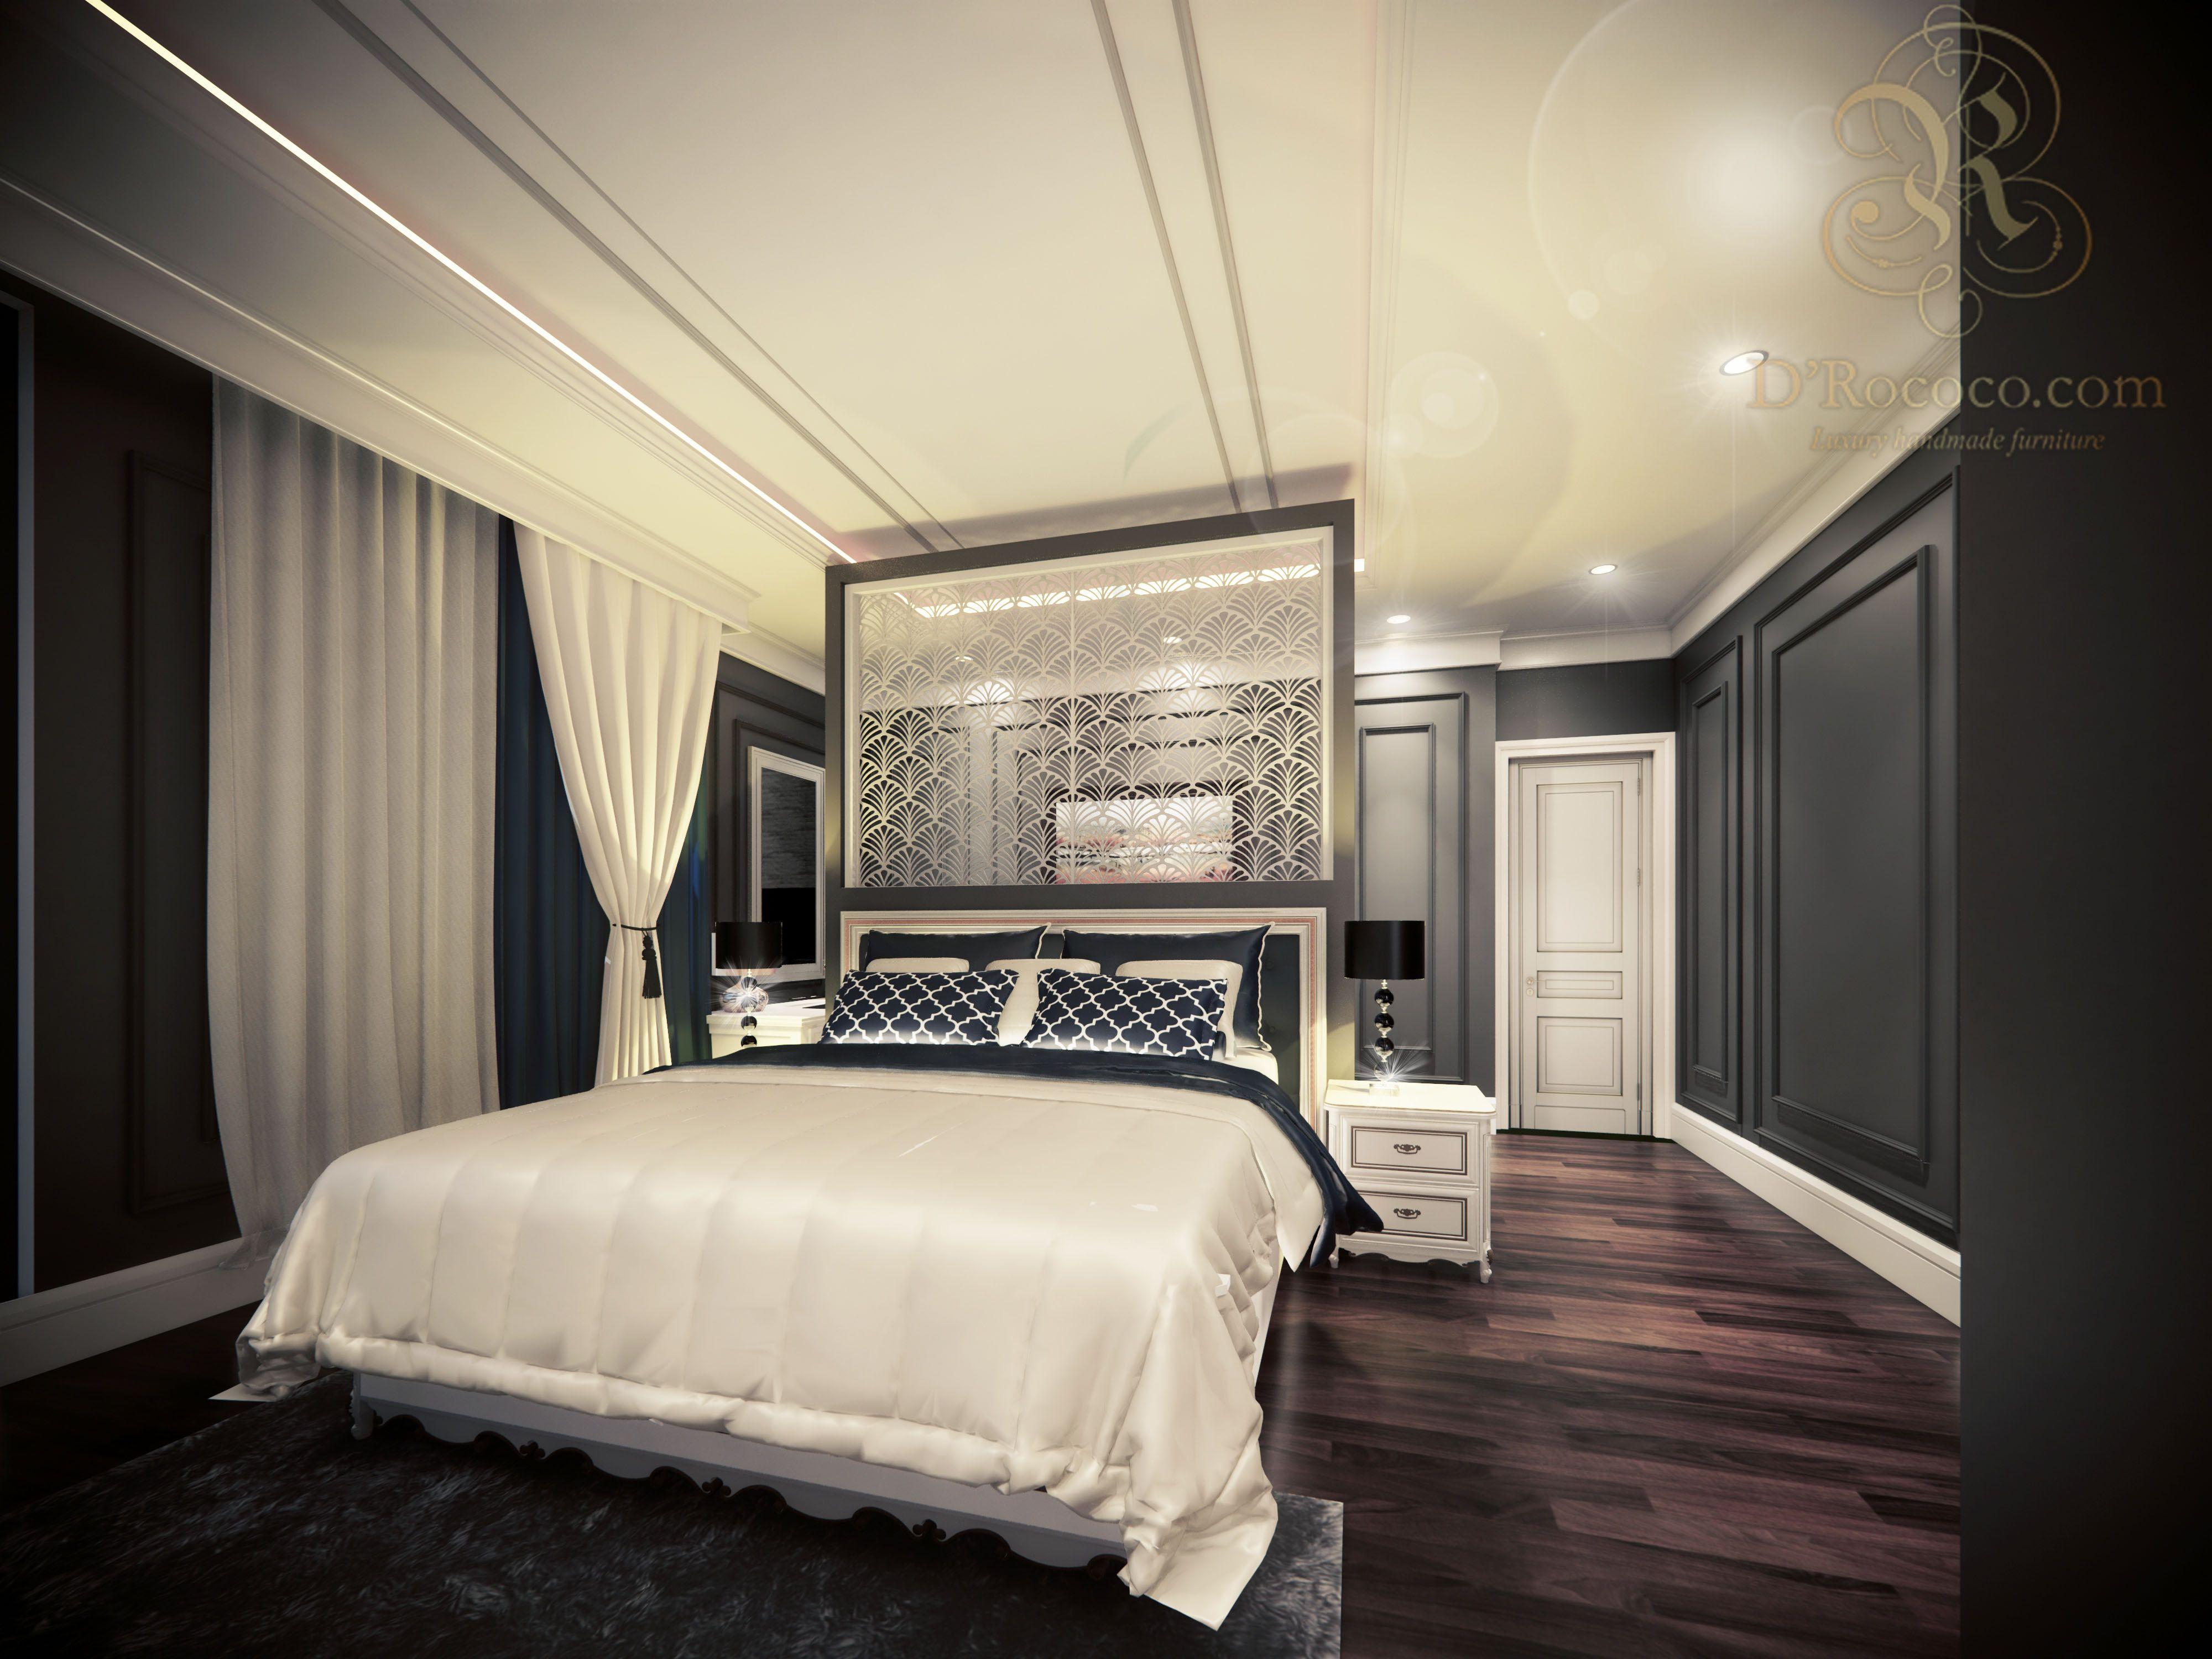 Phòng ngủ đẹp sang trọng 1